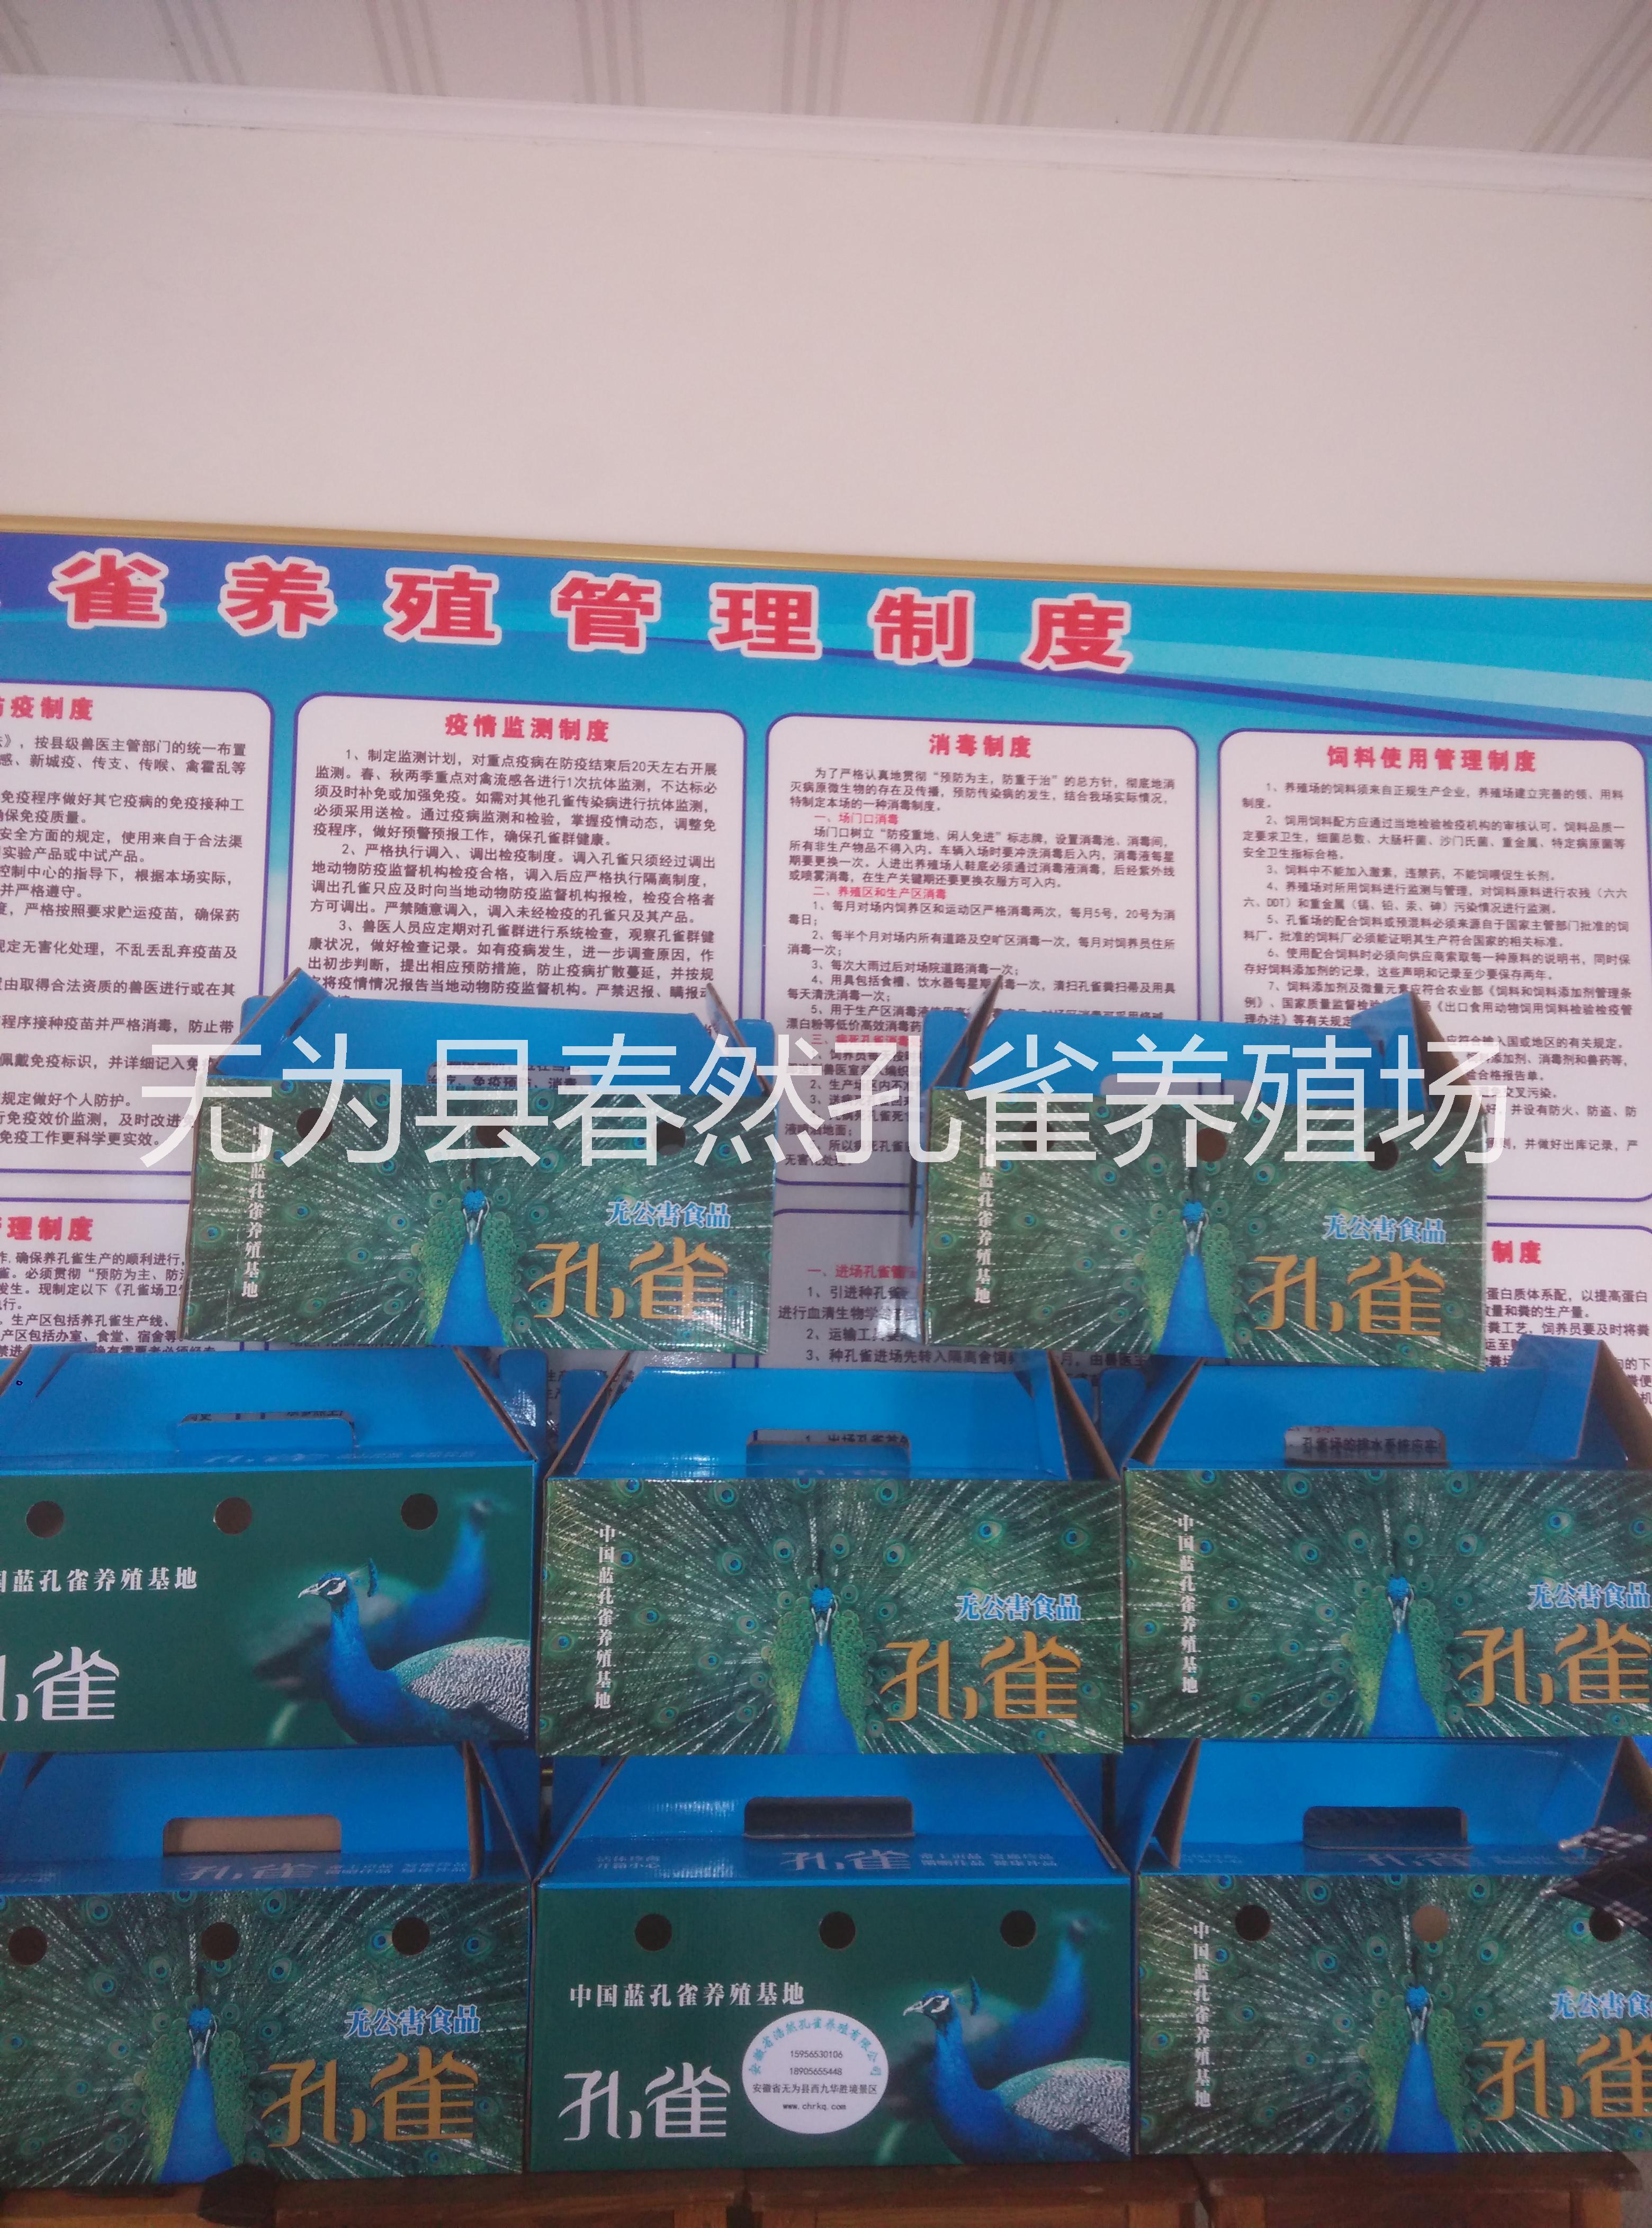 大量供应全国市场孔雀标本安徽省浩然孔雀养殖有限公司供应